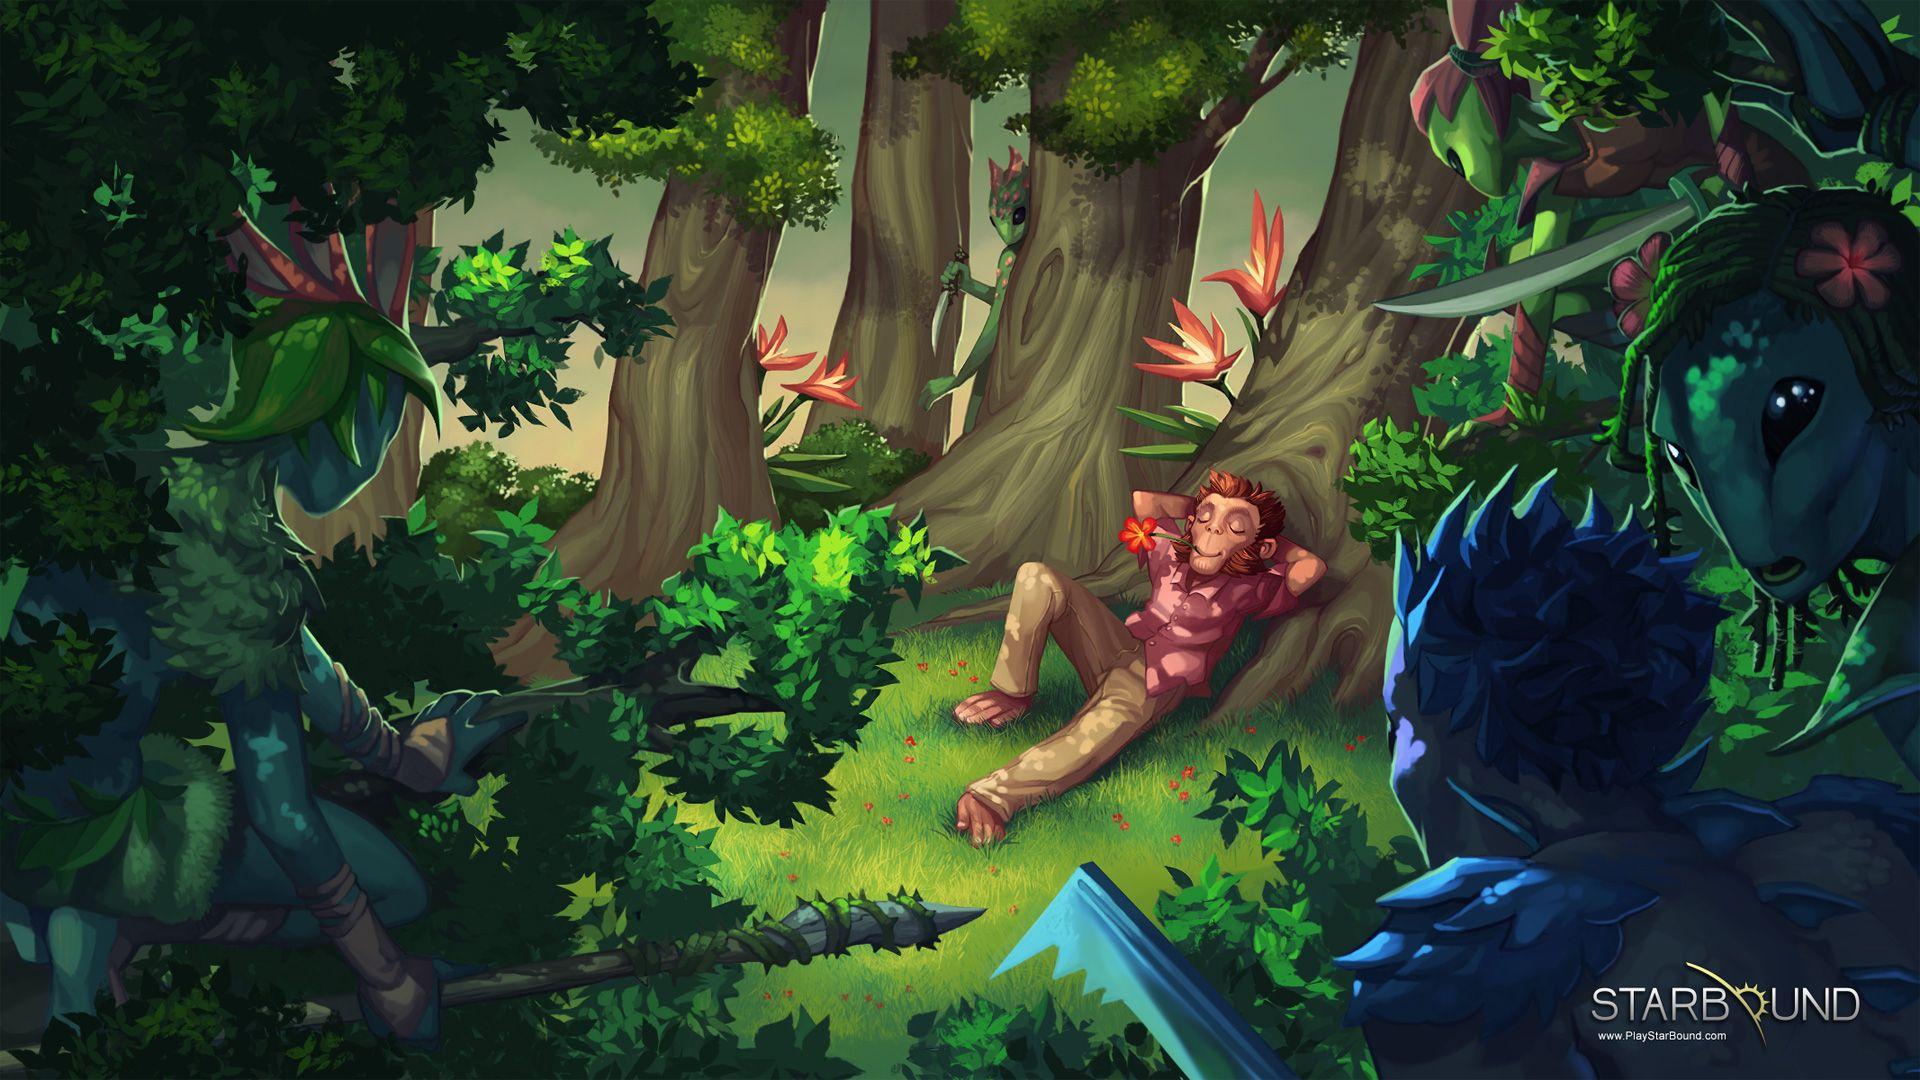 Good Wallpaper Minecraft Terraria - 160696835ab7f03ddb24d2123ad9c6fa  Picture_103673.jpg